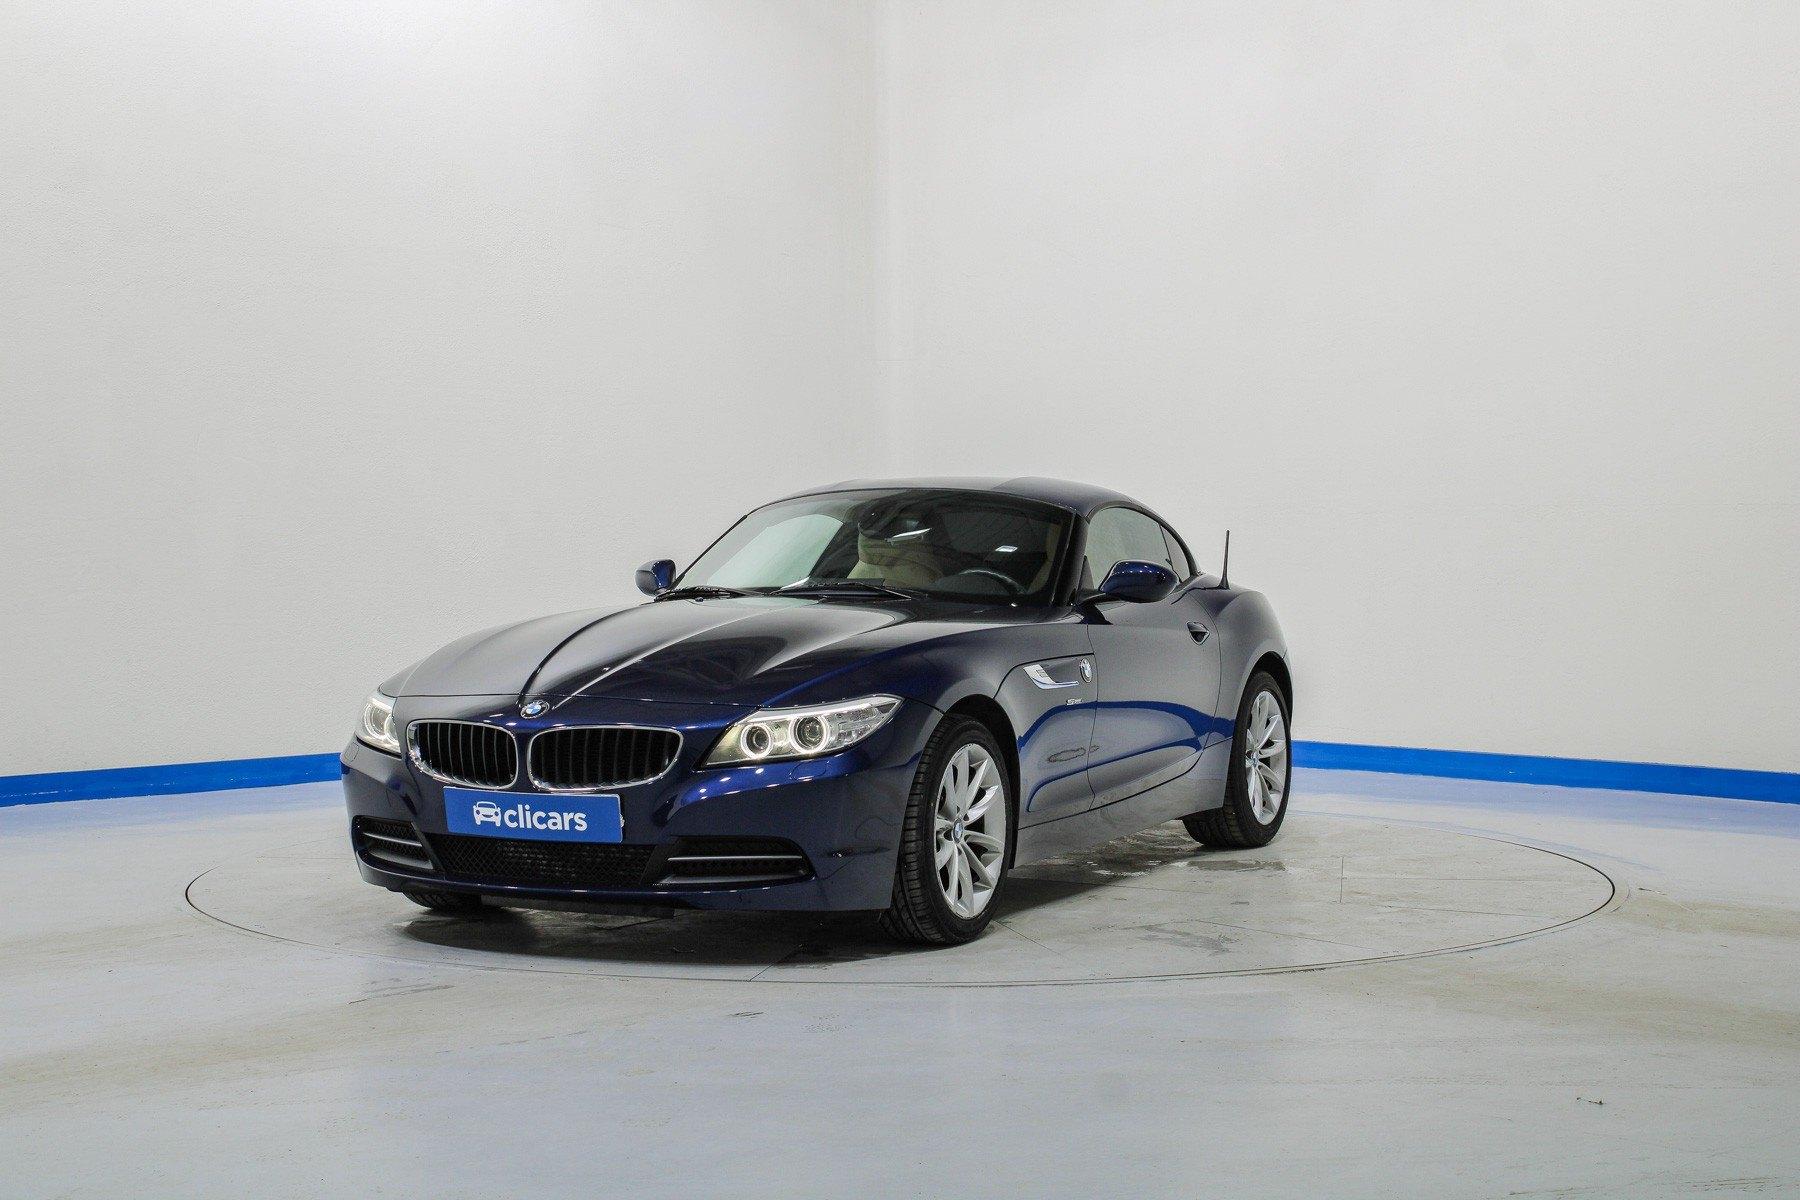 BMW Z4 Gasolina sDrive20i 1